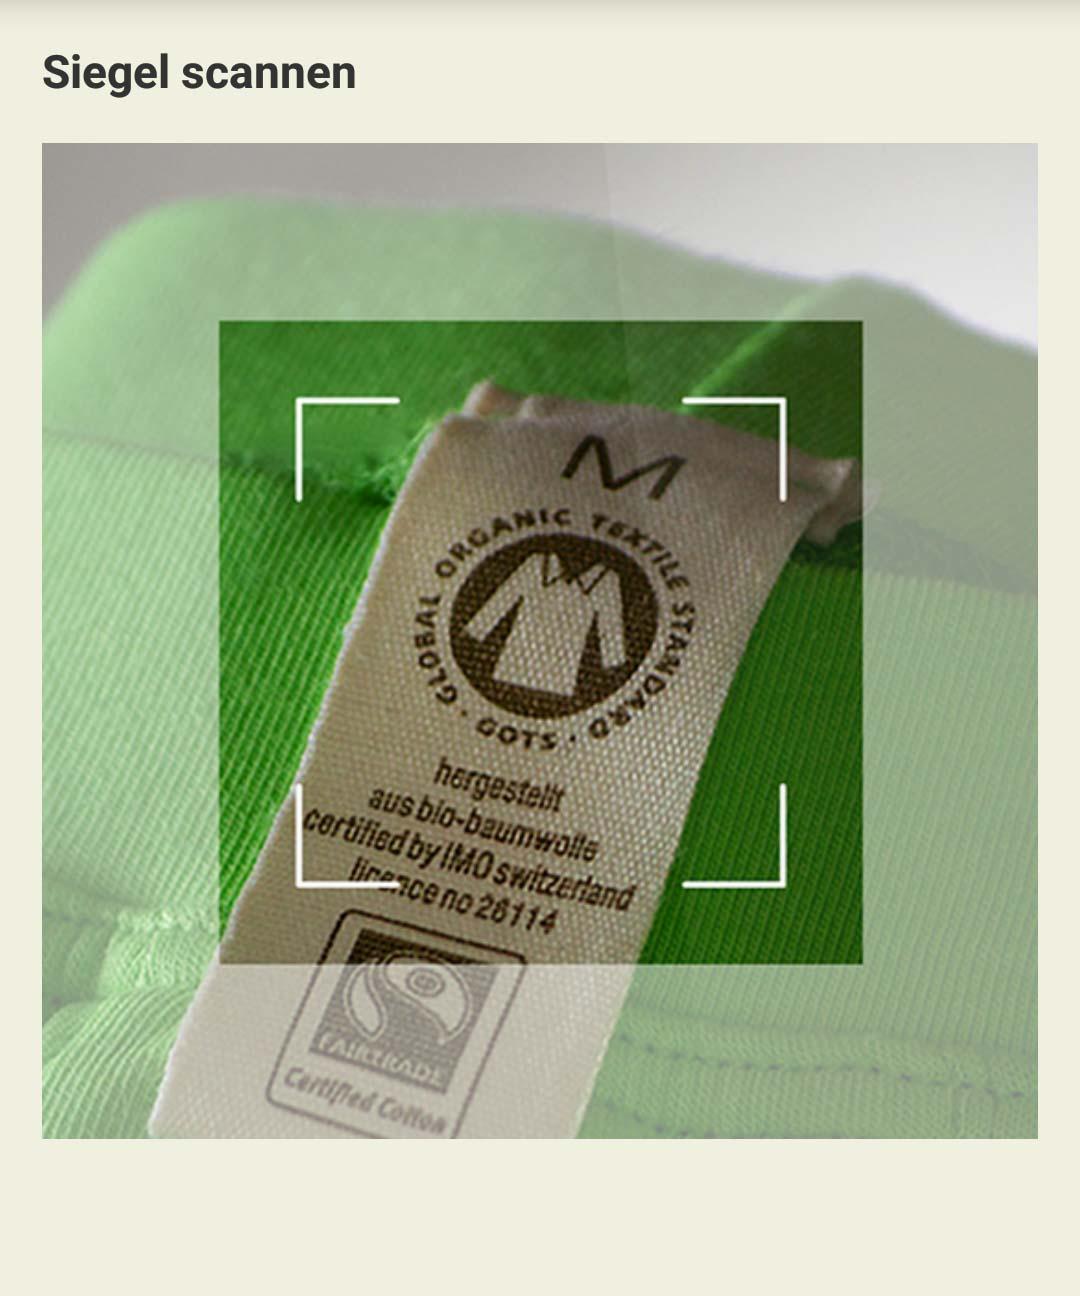 59217fbf03fcee Einfach mit dem Siegelscanner der App über die Handy-Kamera das Siegel auf  dem Kleidungsstück